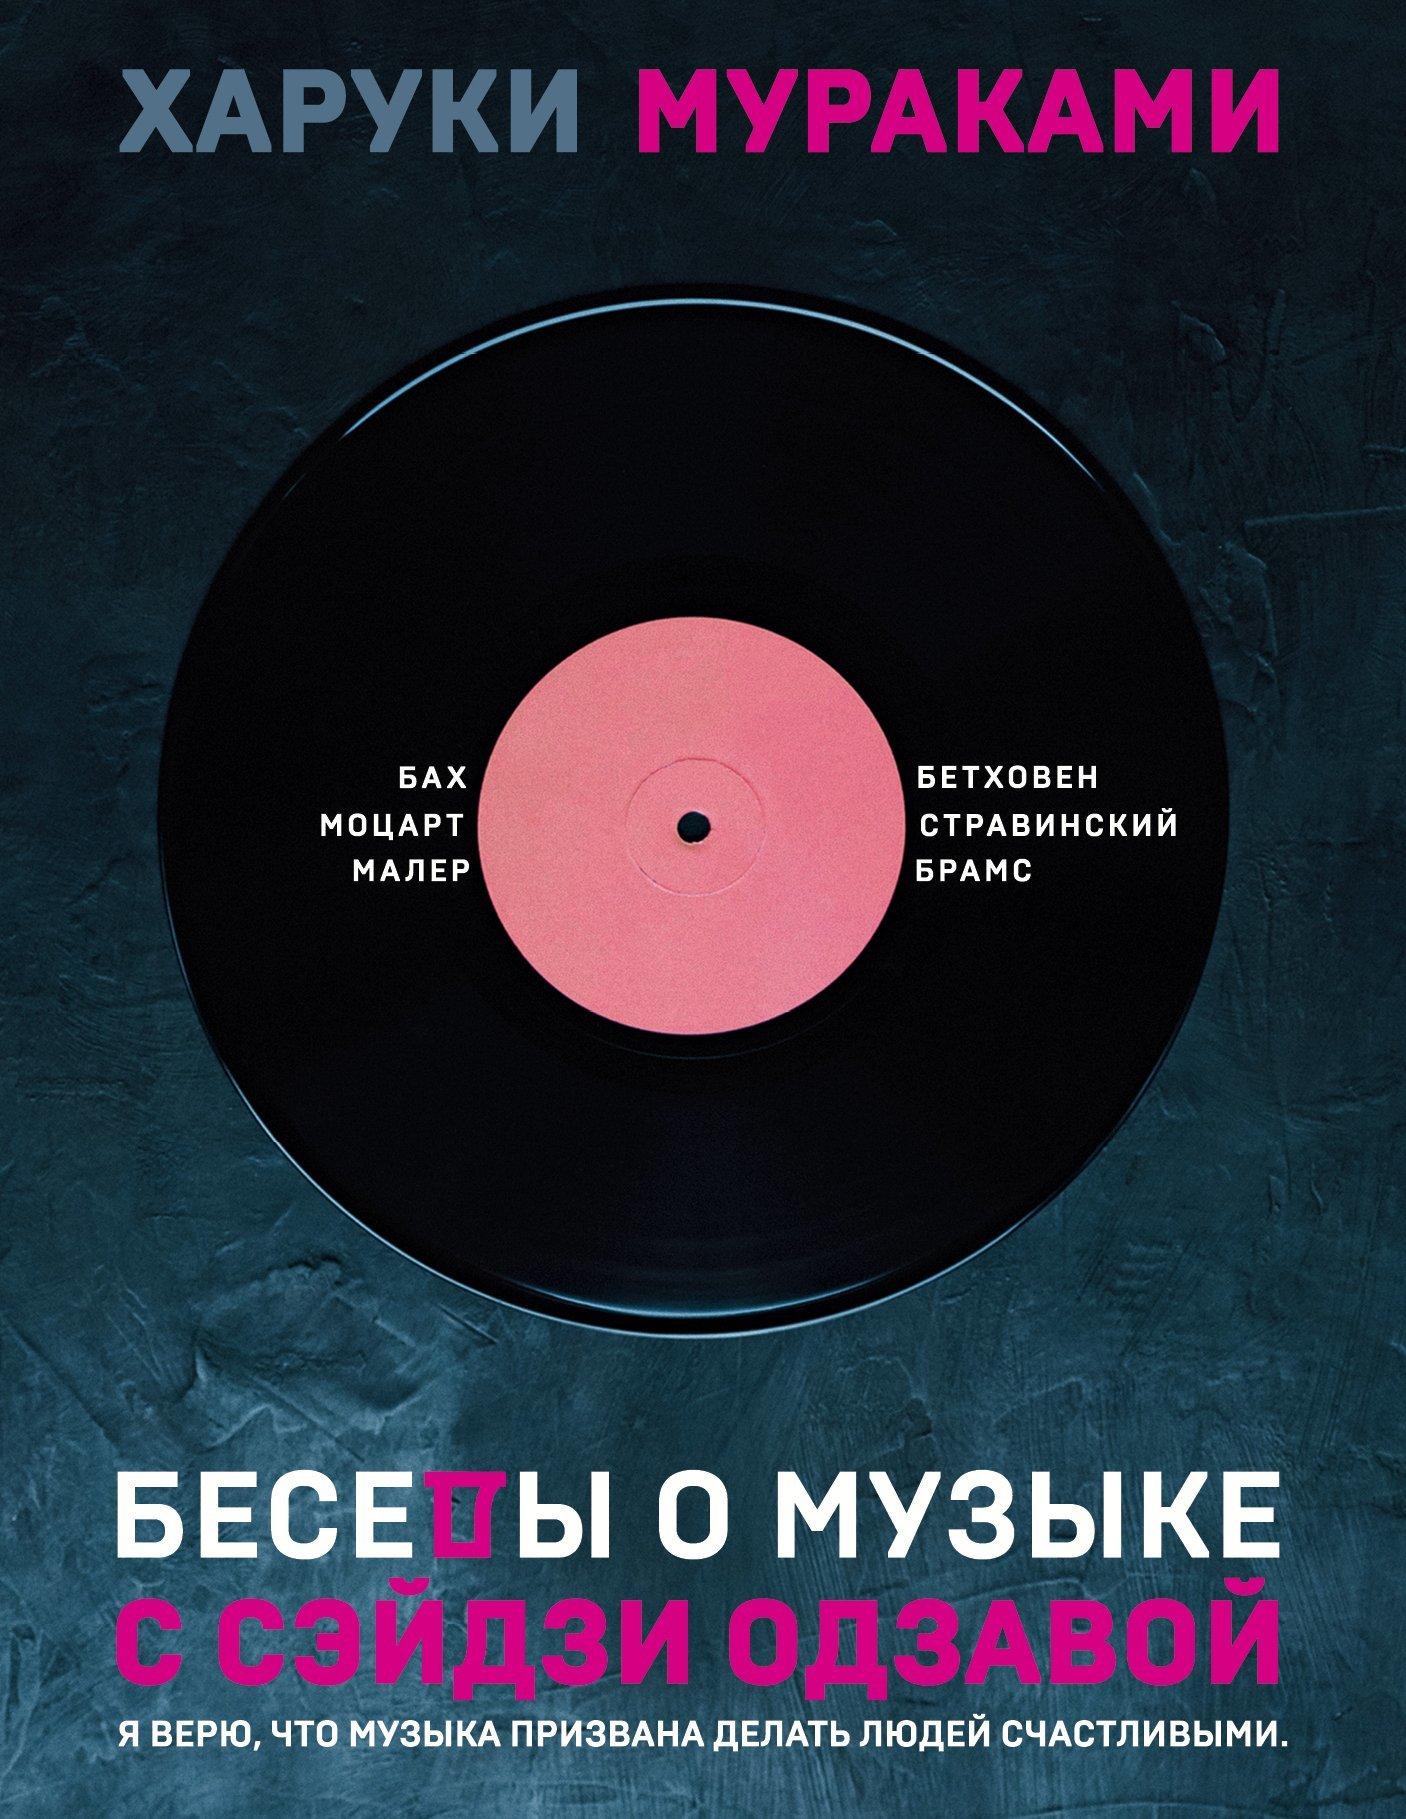 Скачать бесплатно Беседы о музыке с Сэйдзи Одзавой